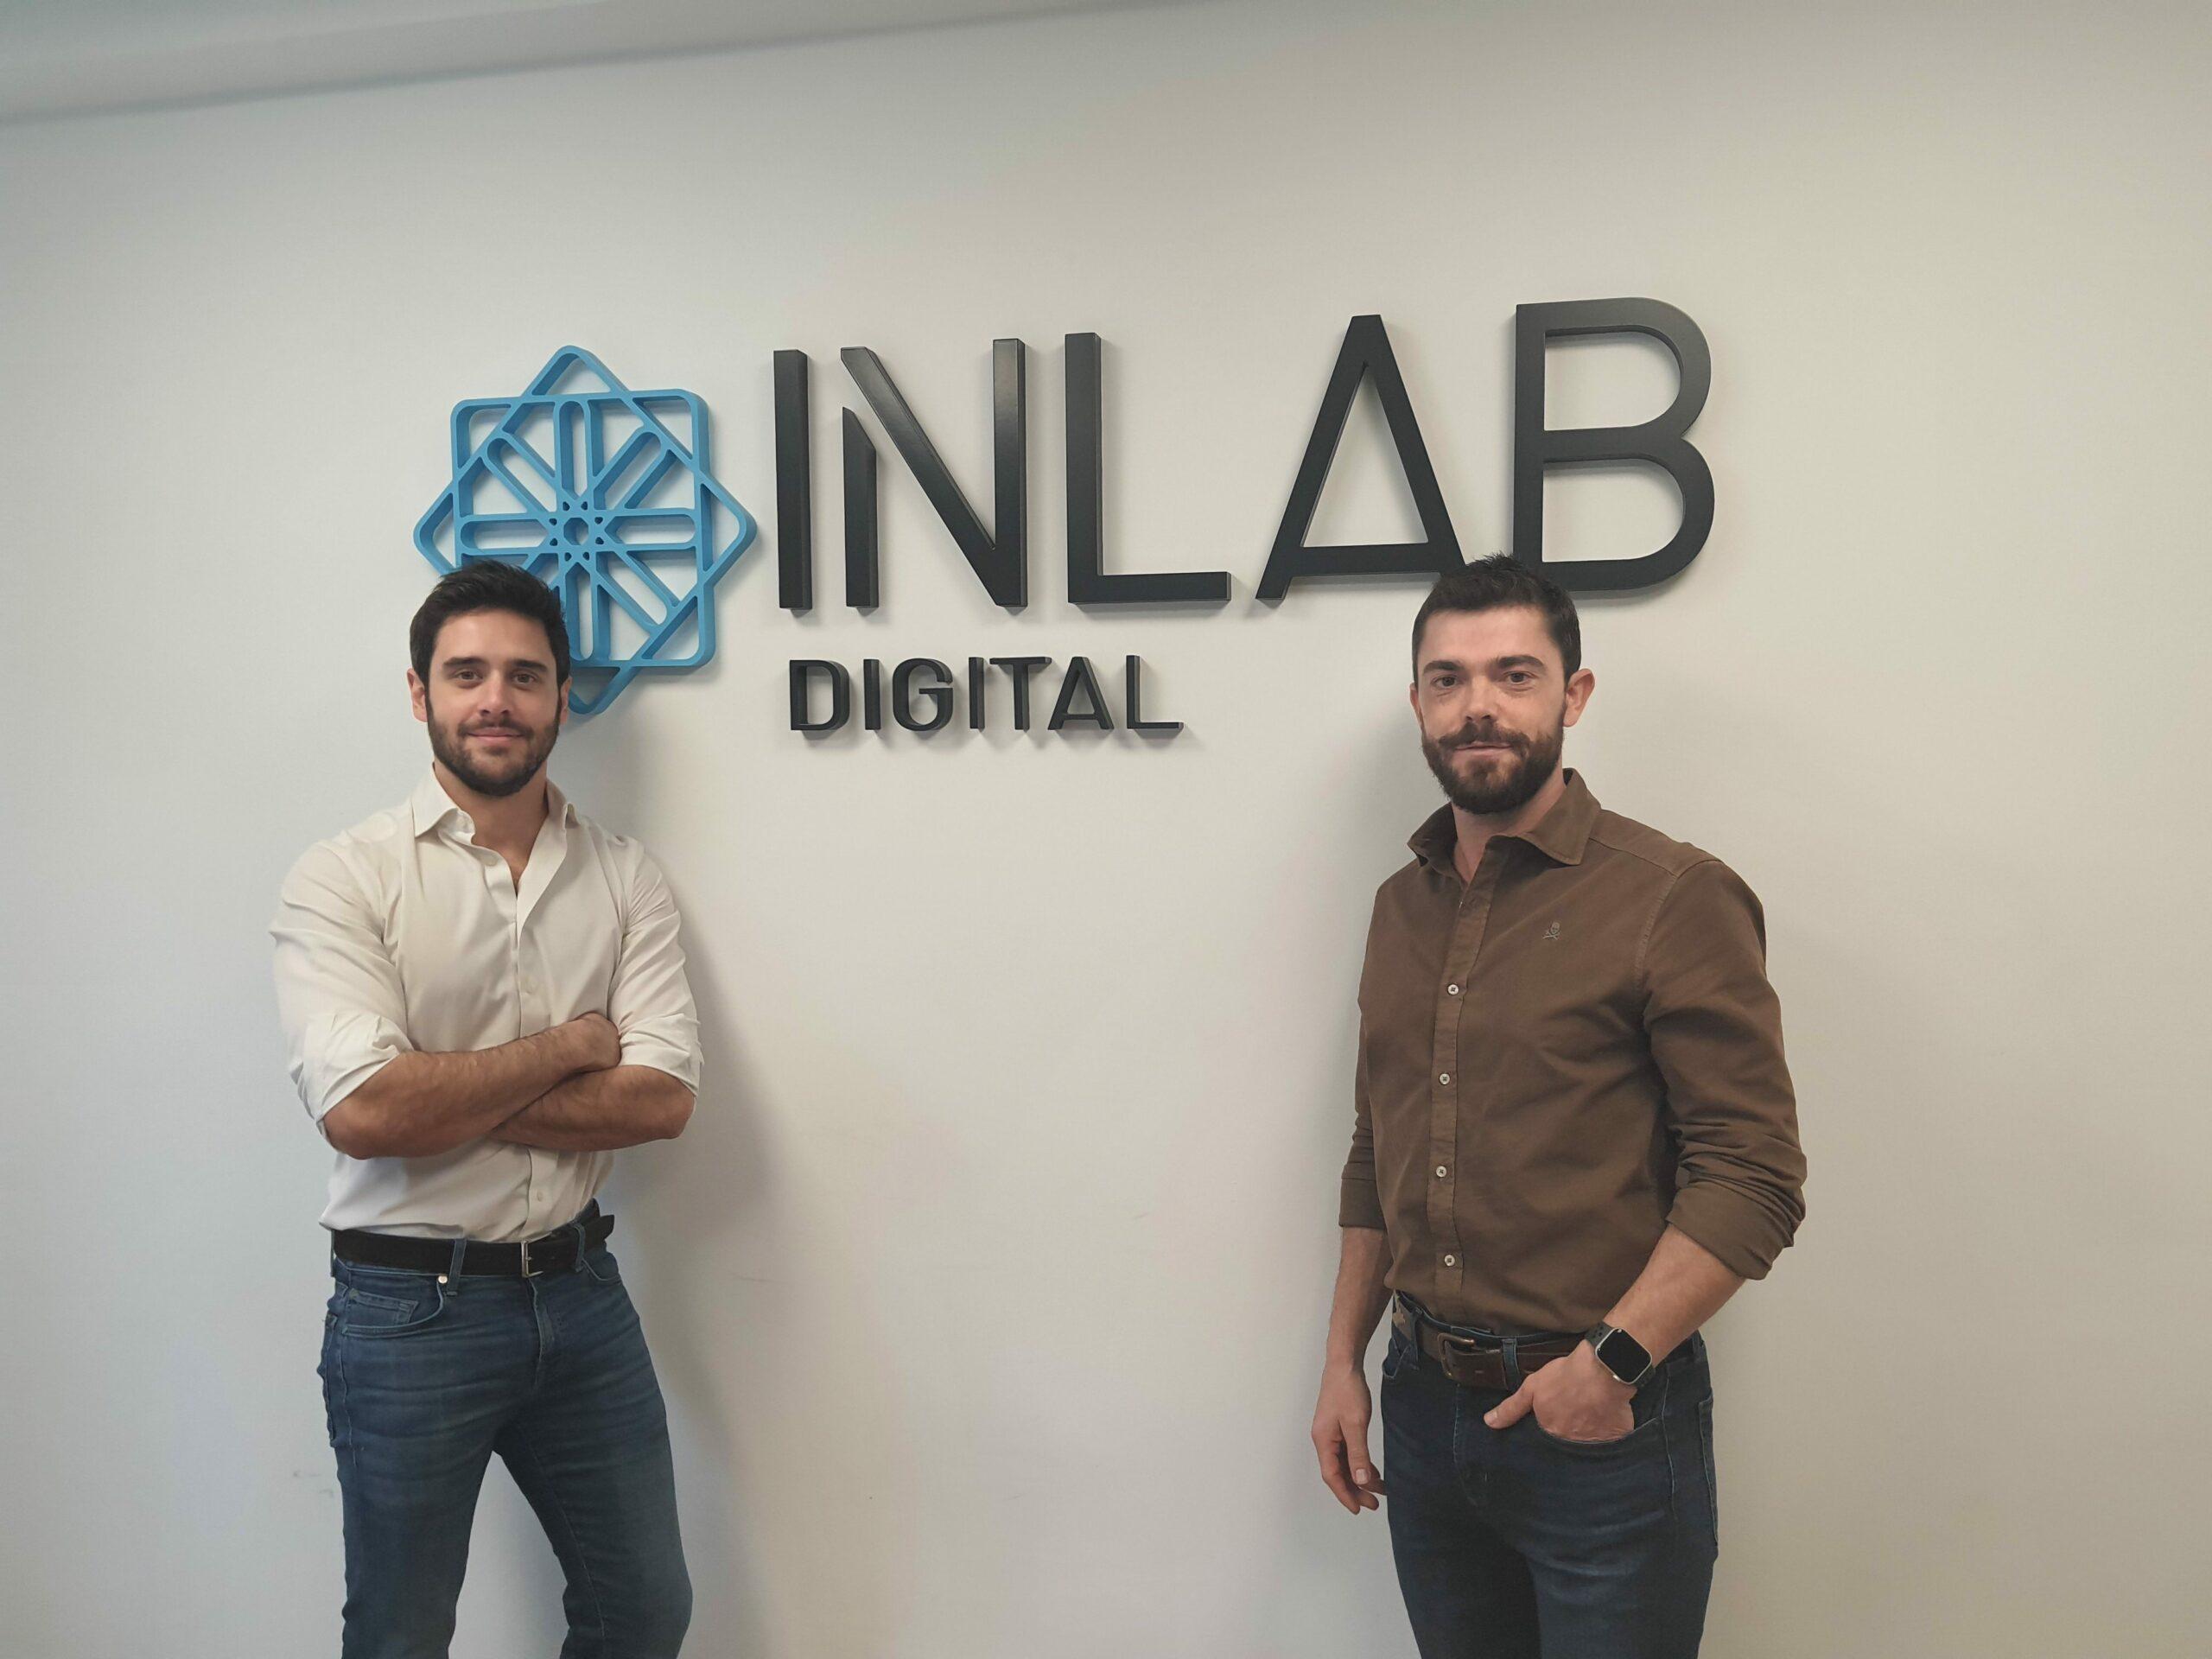 Inlab Digital es una solución tecnológica, que compra espacios publicitarios en un entorno digital. El objetivo, encontrar de la manera más eficiente posible el usuario adecuado para cada anunciante, maximizando así su inversión publicitaria.